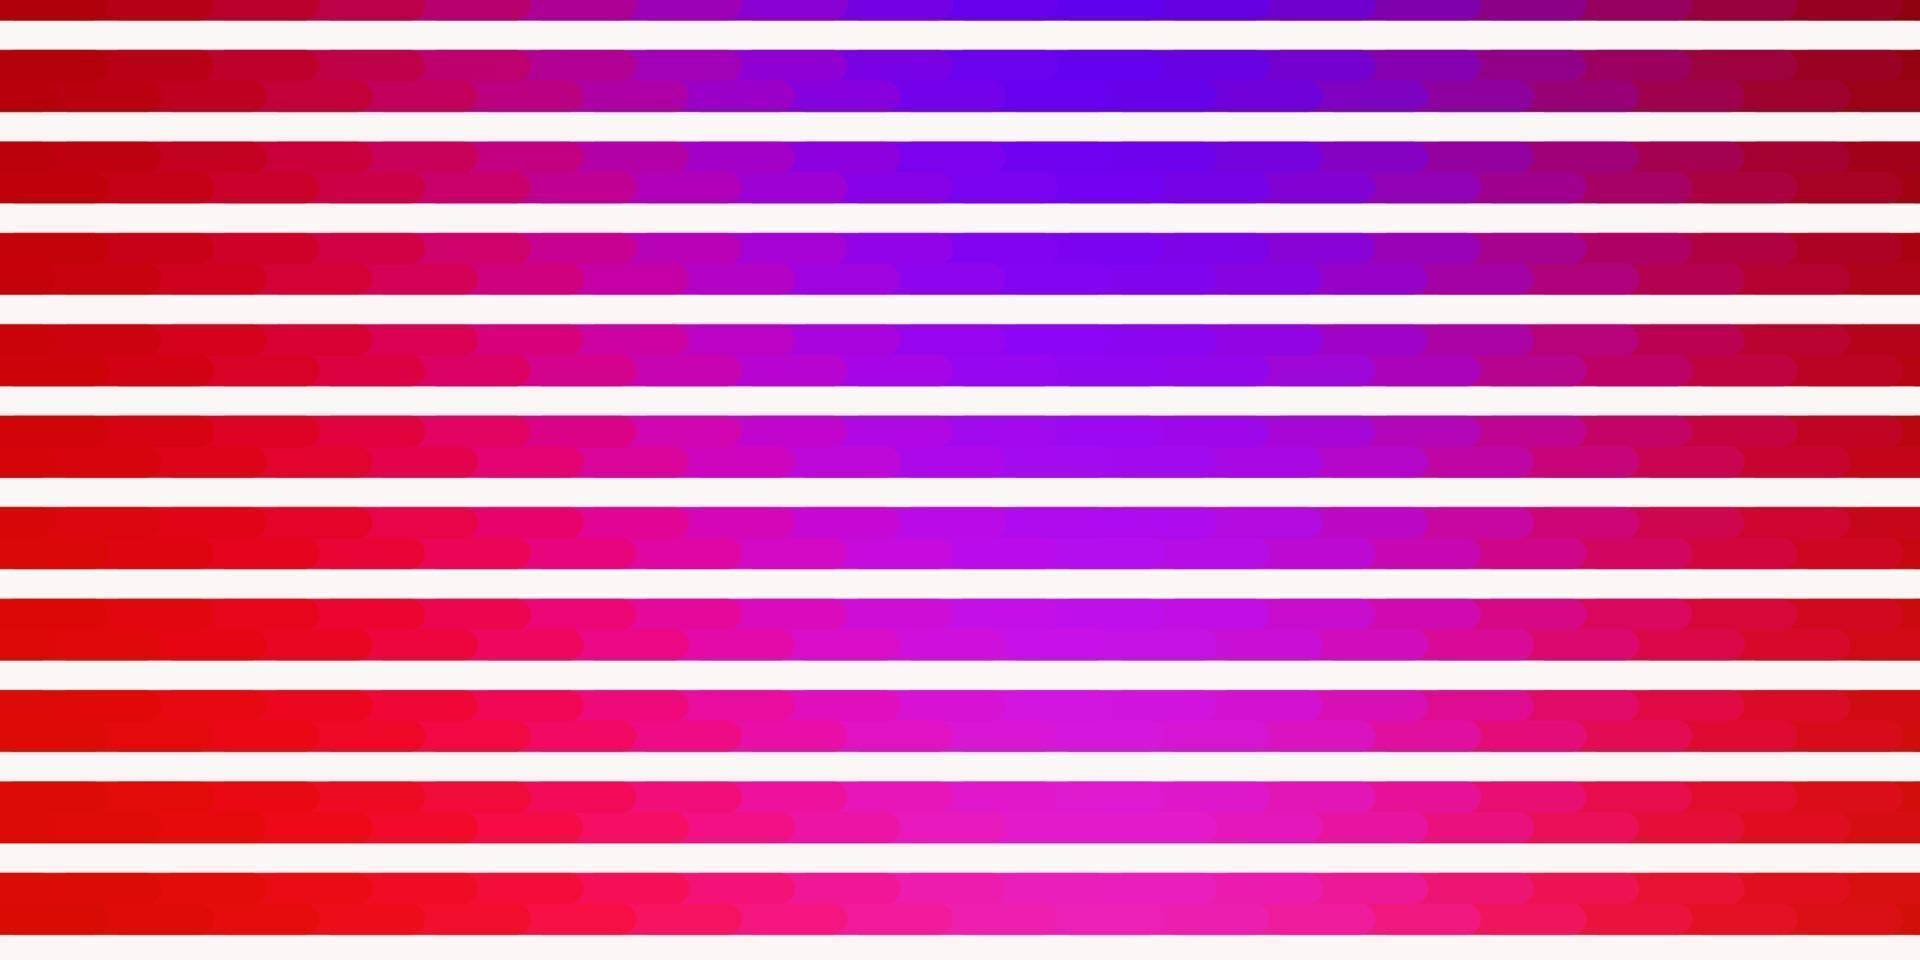 dunkelrosa, rote Vektorschablone mit Linien. vektor